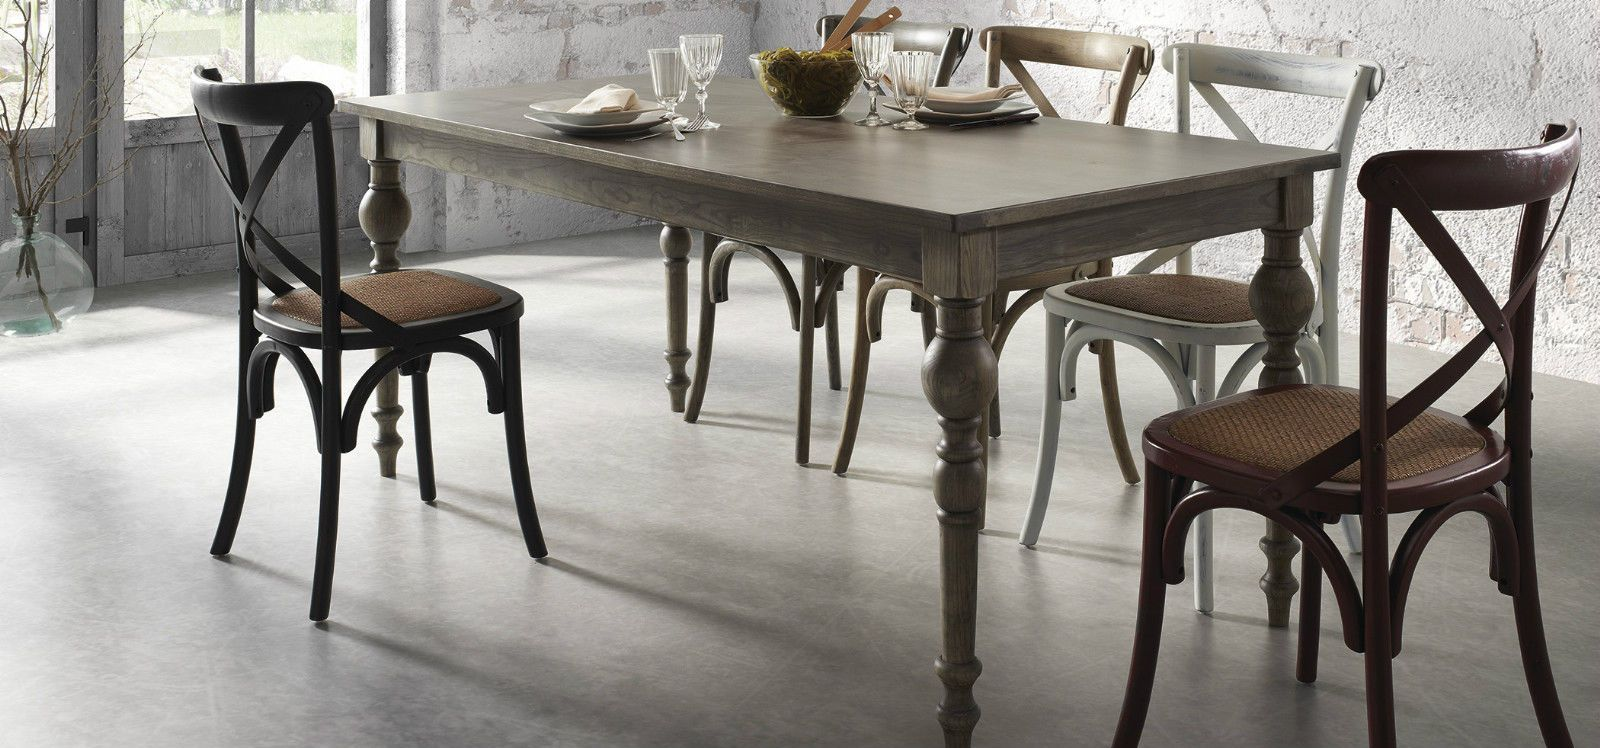 Tavolo Design Bistro Vintage Industriale Classico Legno Fisso Barocco Ottocento Sedia Per Sala Da Pranzo Sedie Per Tavolo Da Pranzo Tavoli Da Pranzo